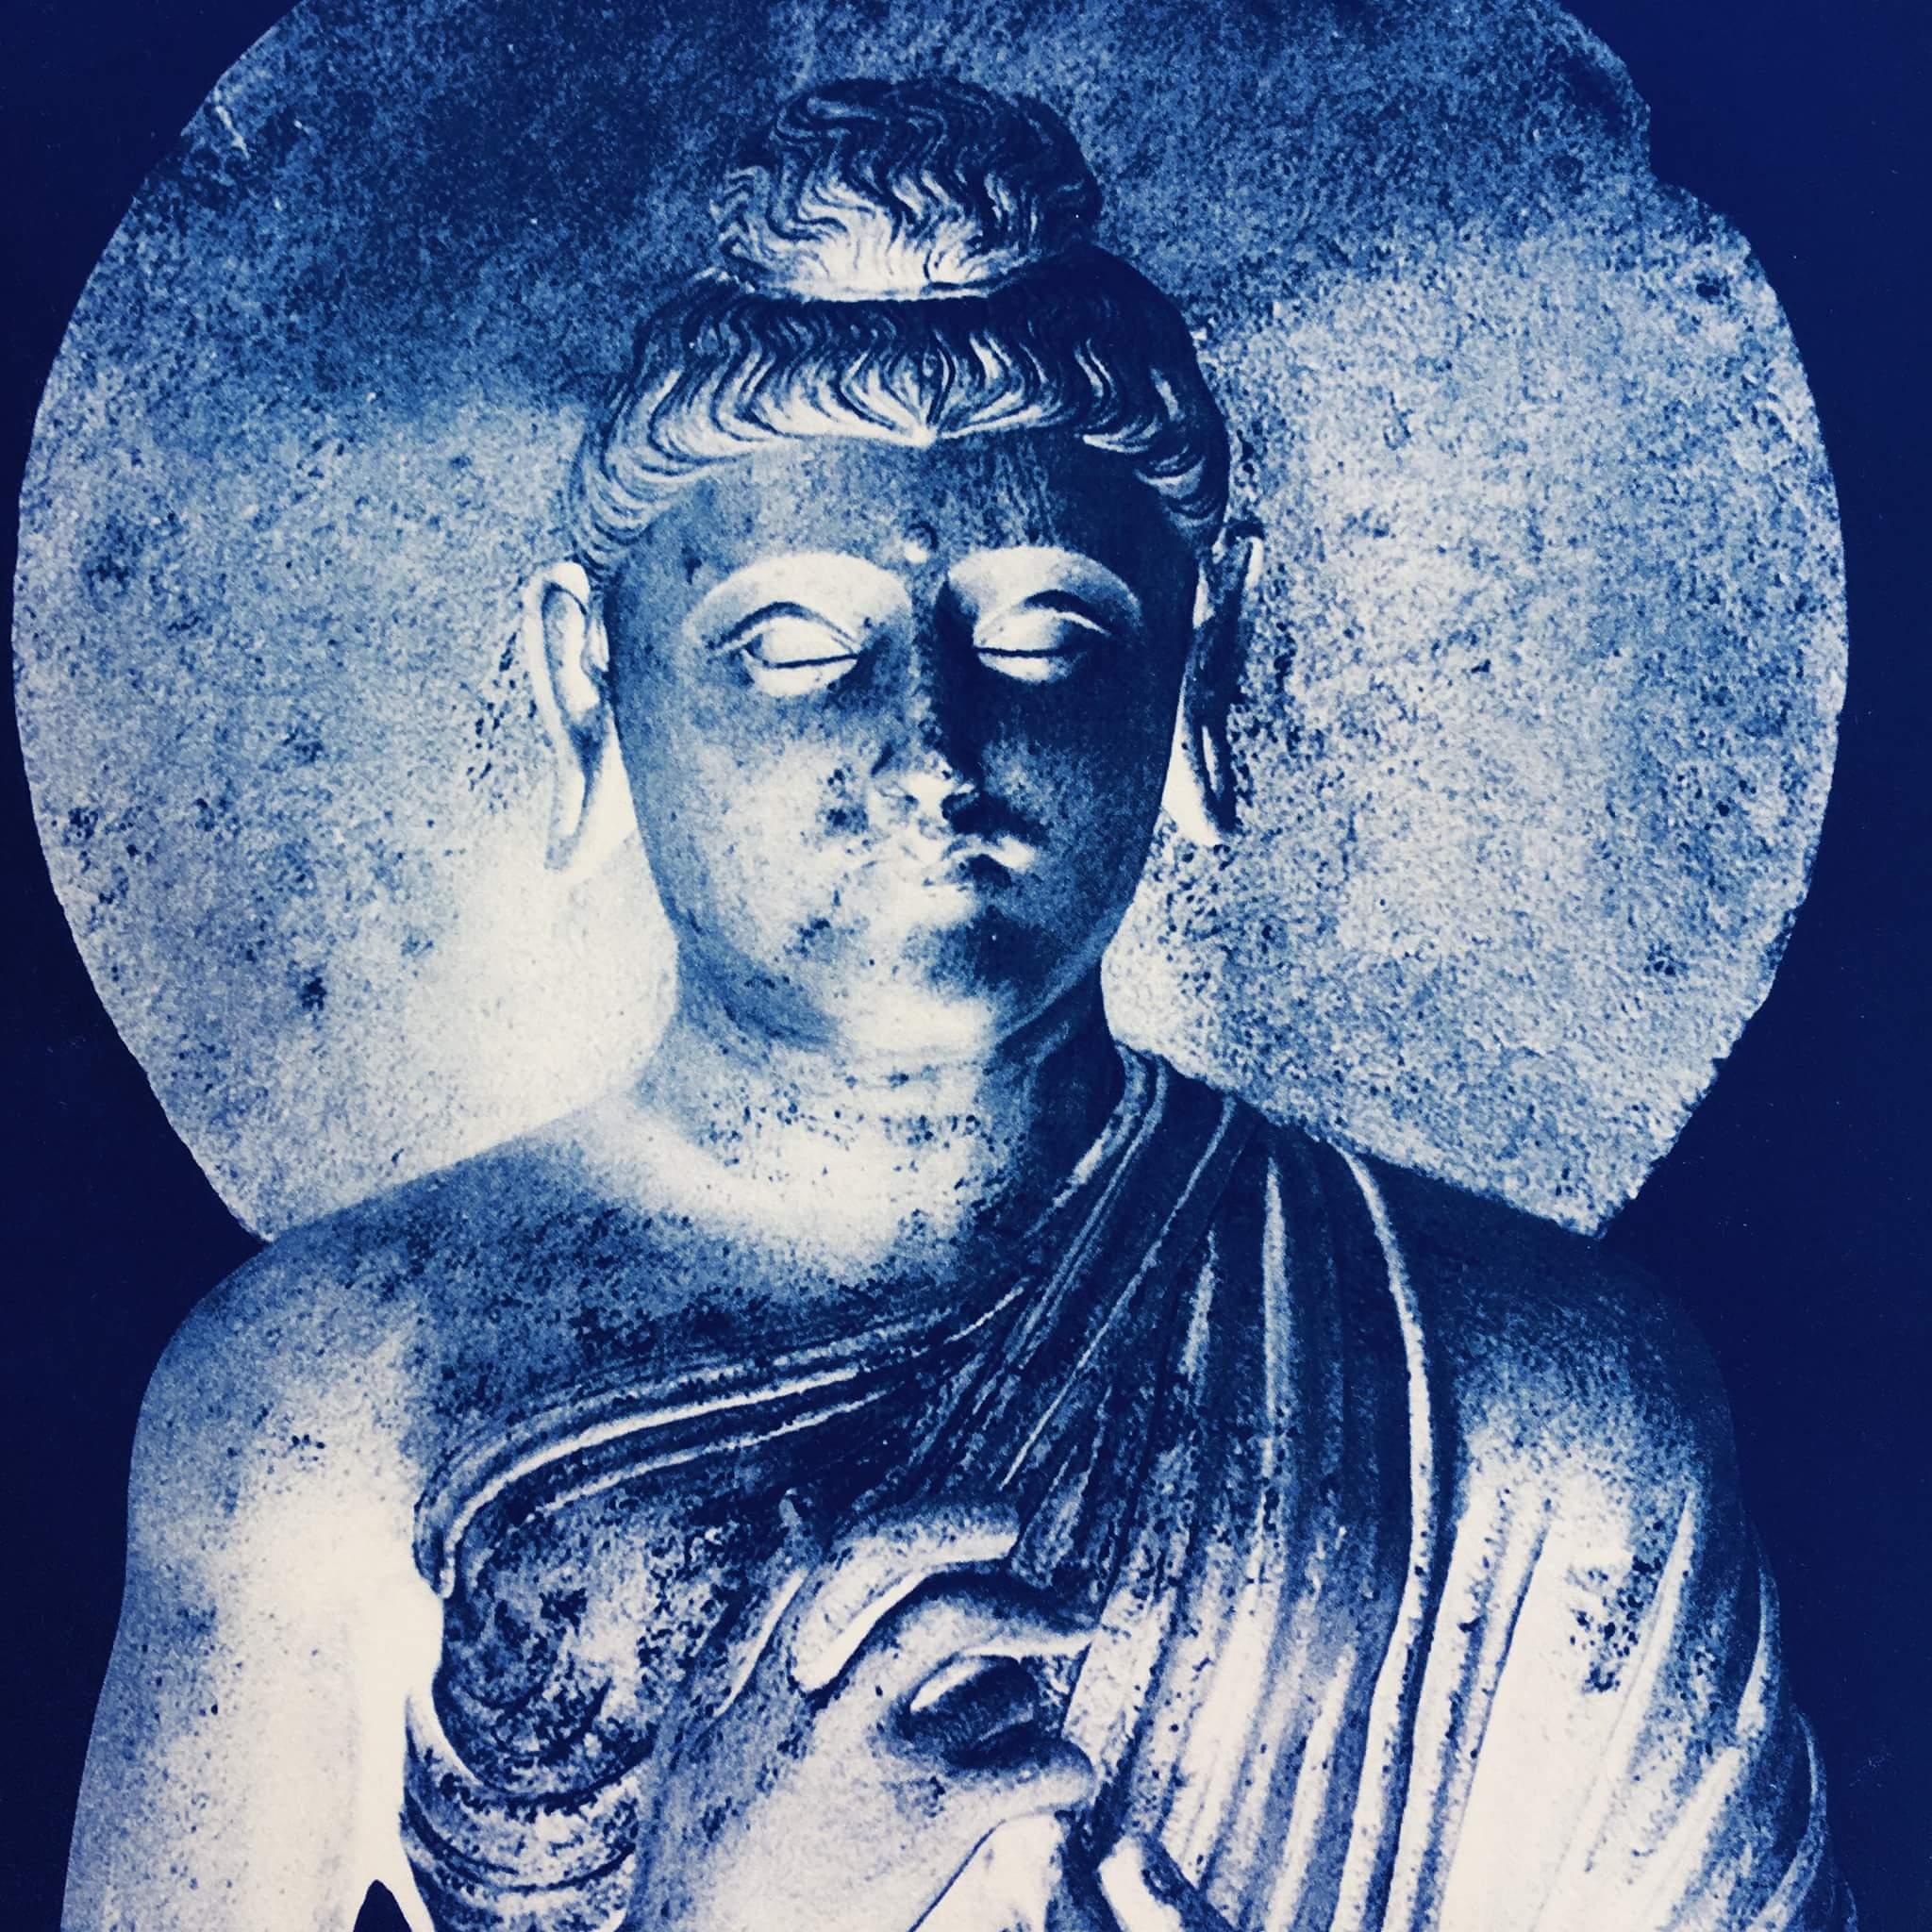 boeddha 2018